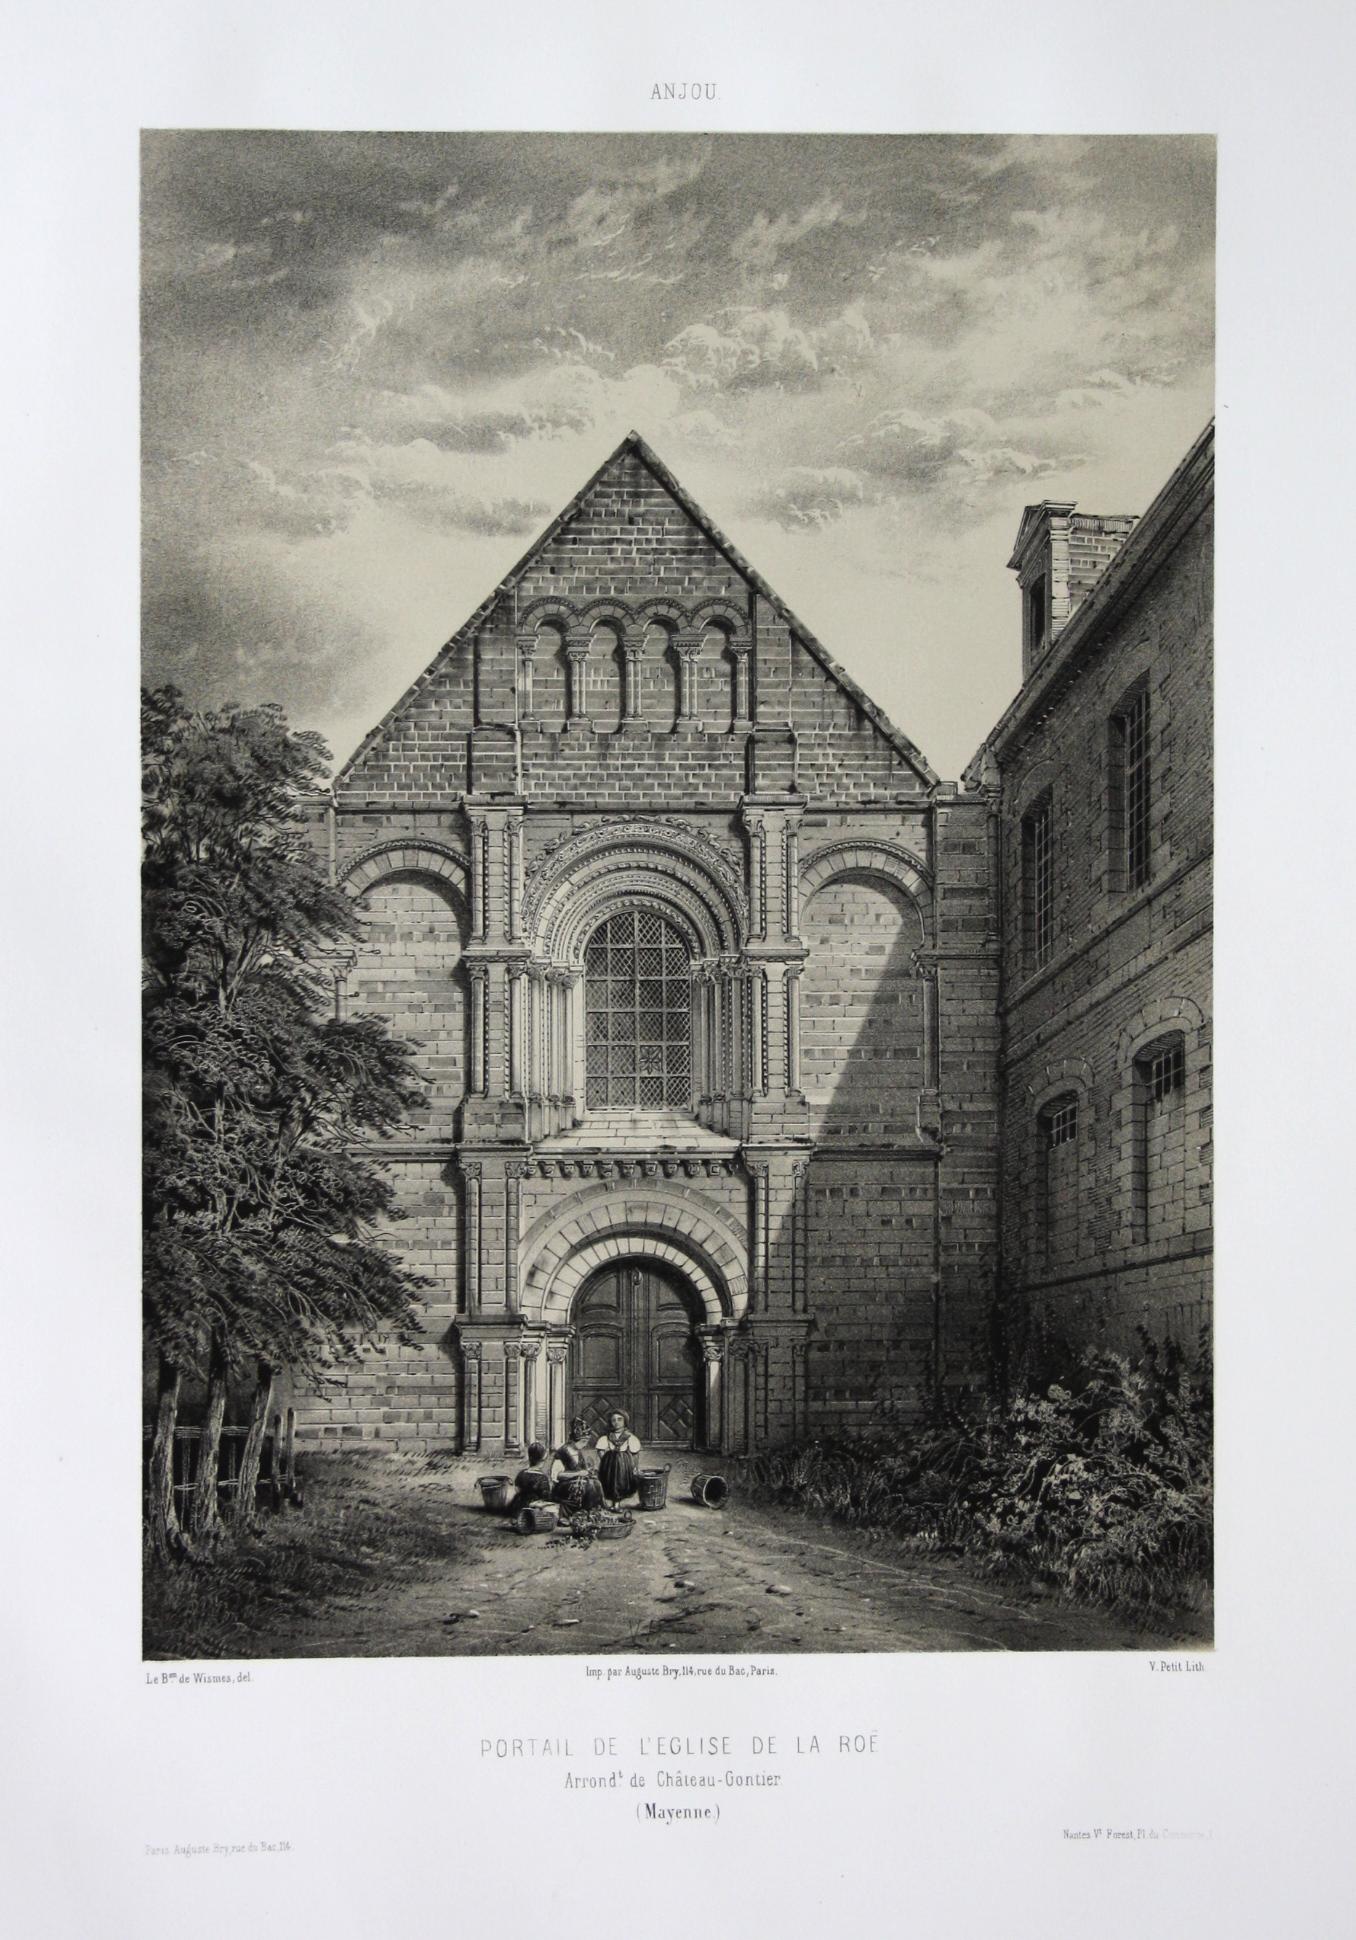 Portail de l'Eglise de la Roe /: Wismes, Olivier de